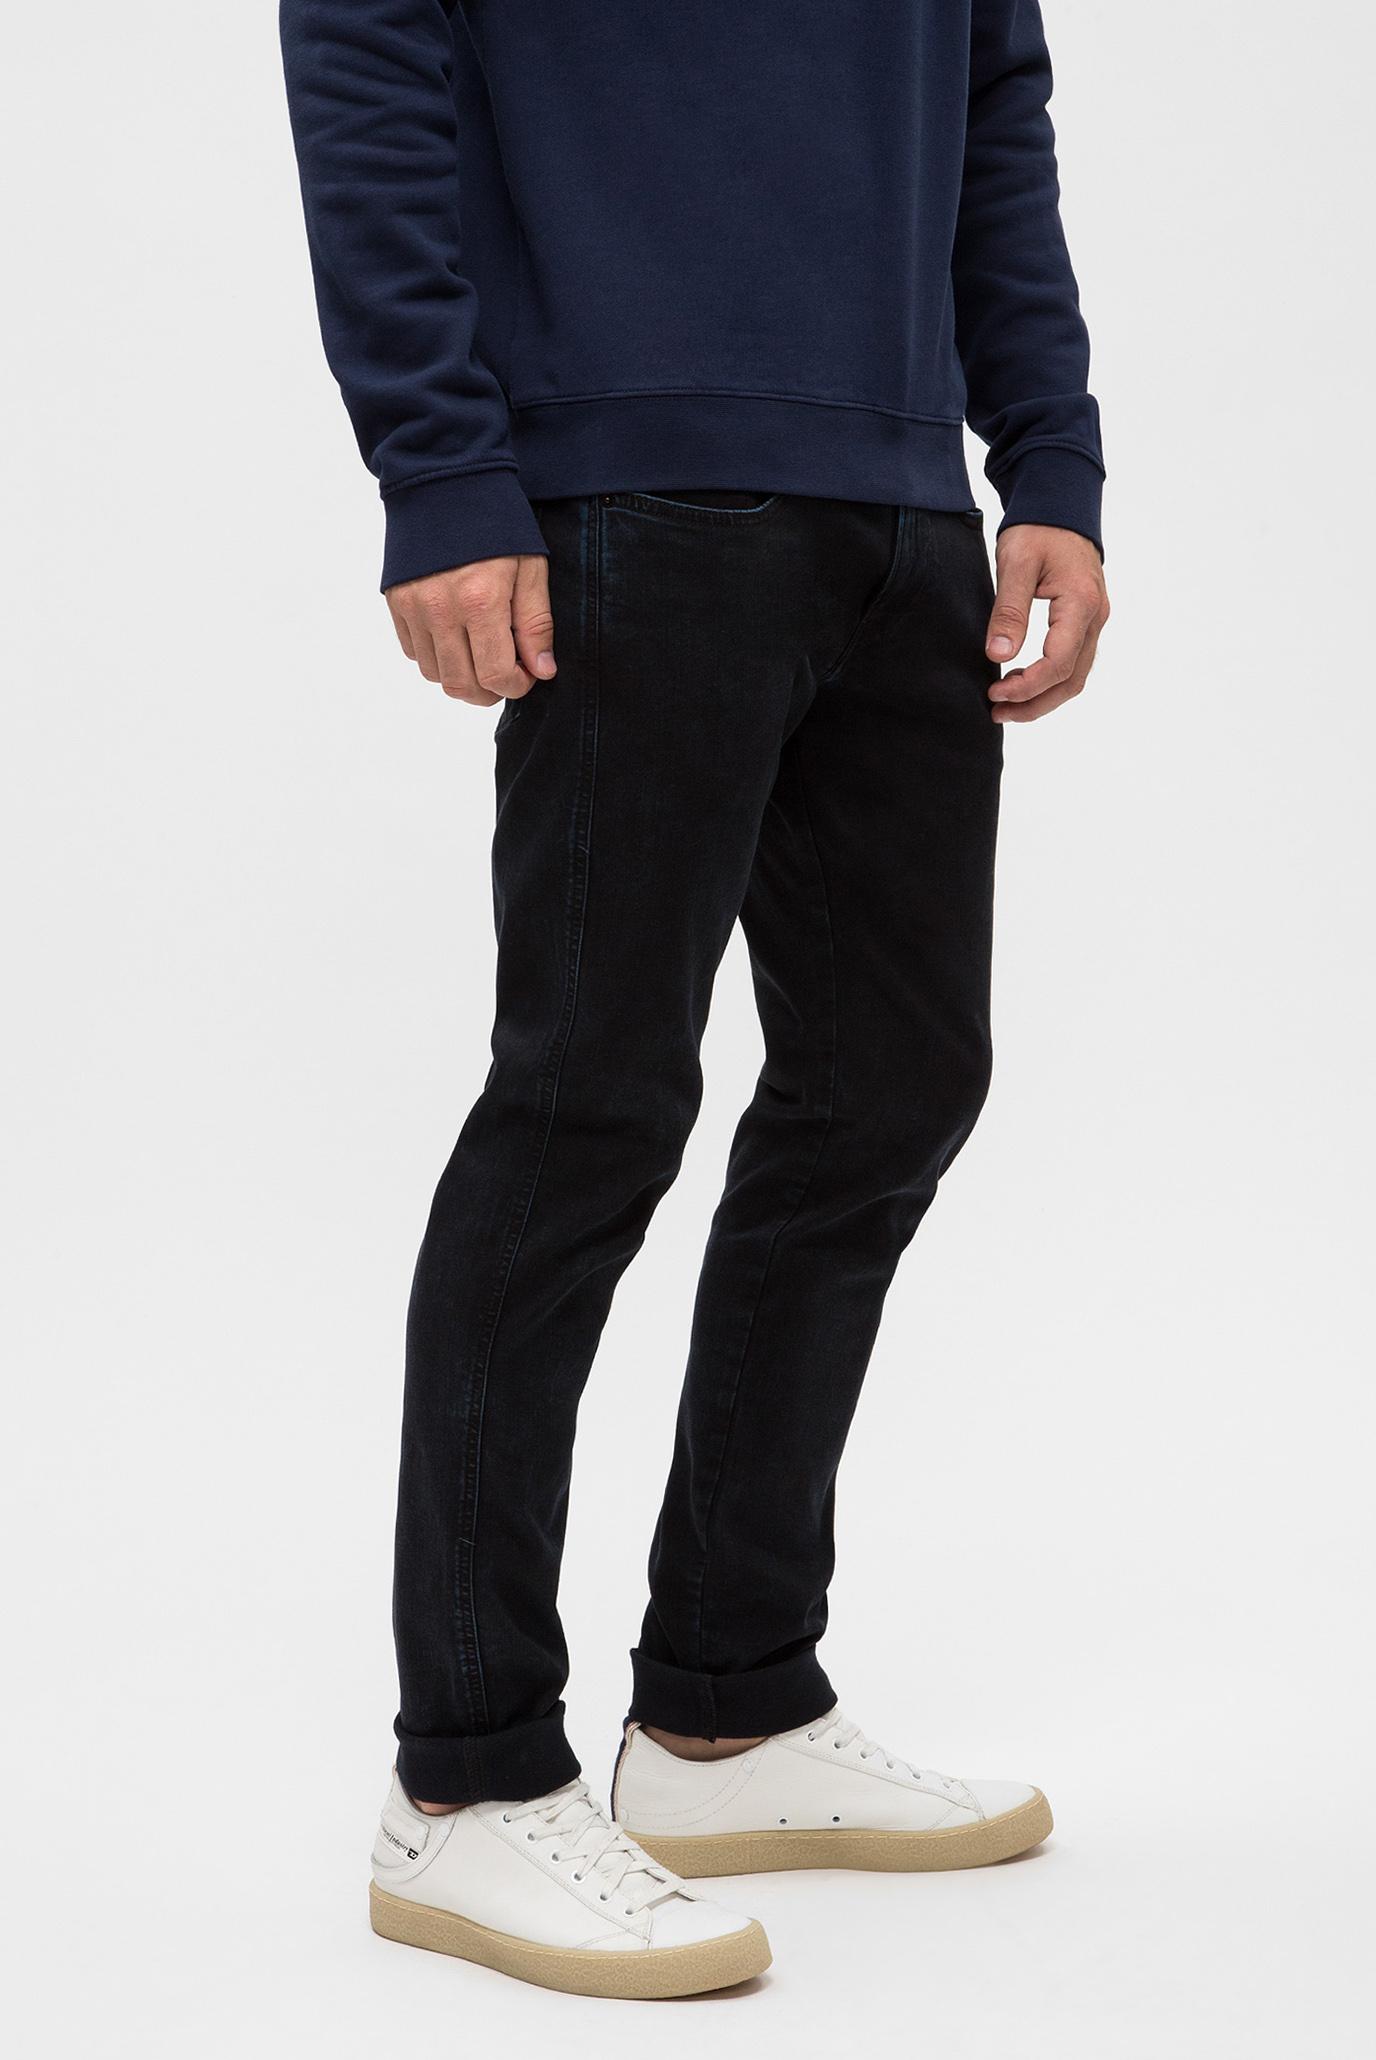 Купить Мужские темно-синие джинсы ANBASS Replay Replay M914  .000.85B 392 – Киев, Украина. Цены в интернет магазине MD Fashion